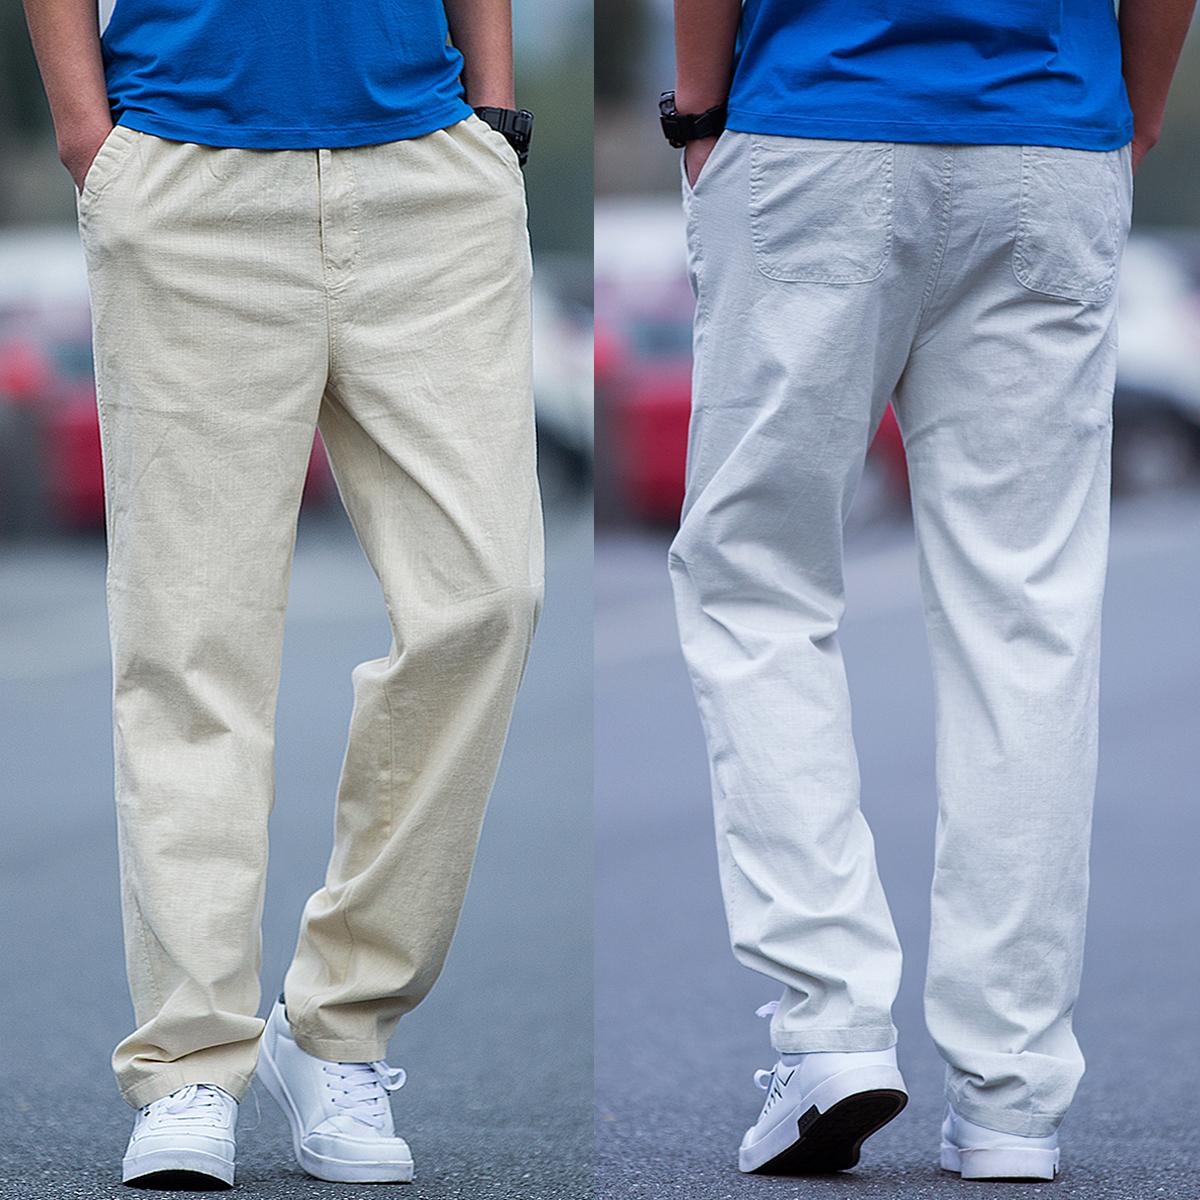 夏季薄款休闲裤男宽松直筒大码运动裤男纯棉裤子系带松紧腰长裤